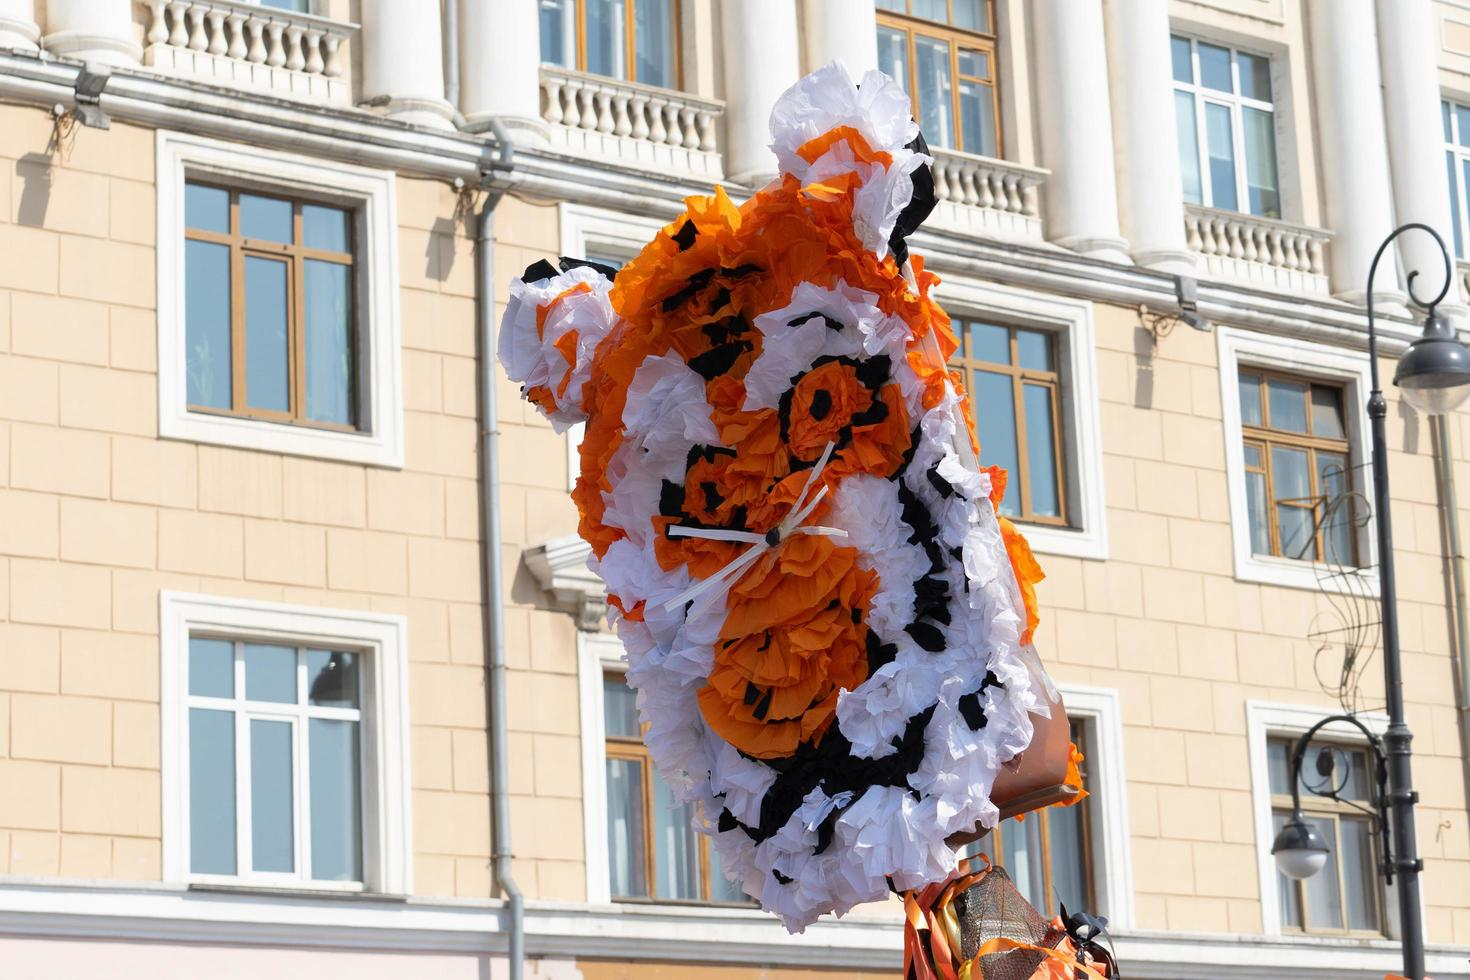 testa di tigre fatta di carta sullo sfondo dell'edificio. foto